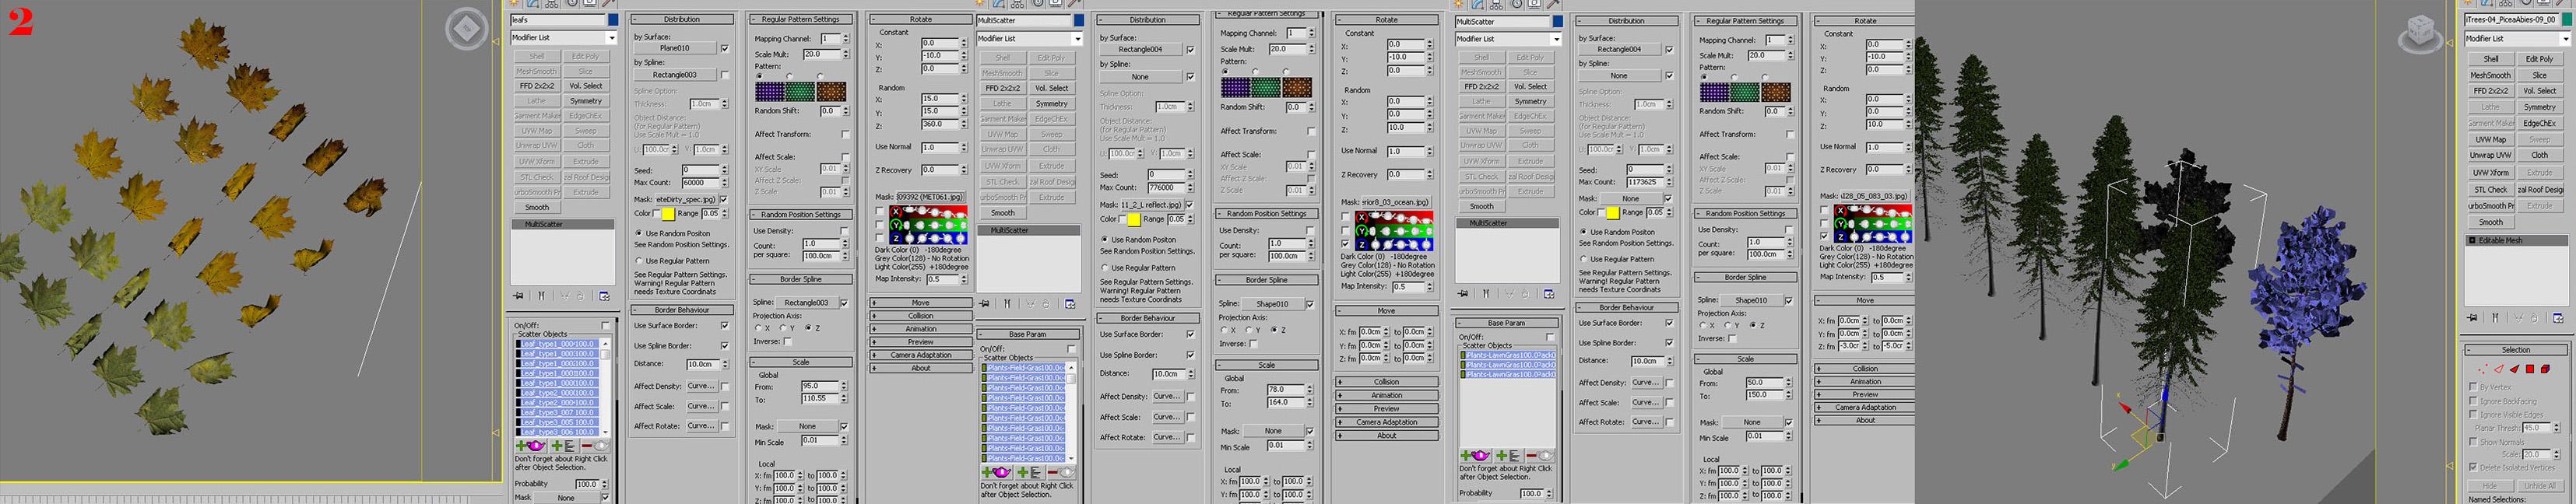 002_multiscatter.JPG